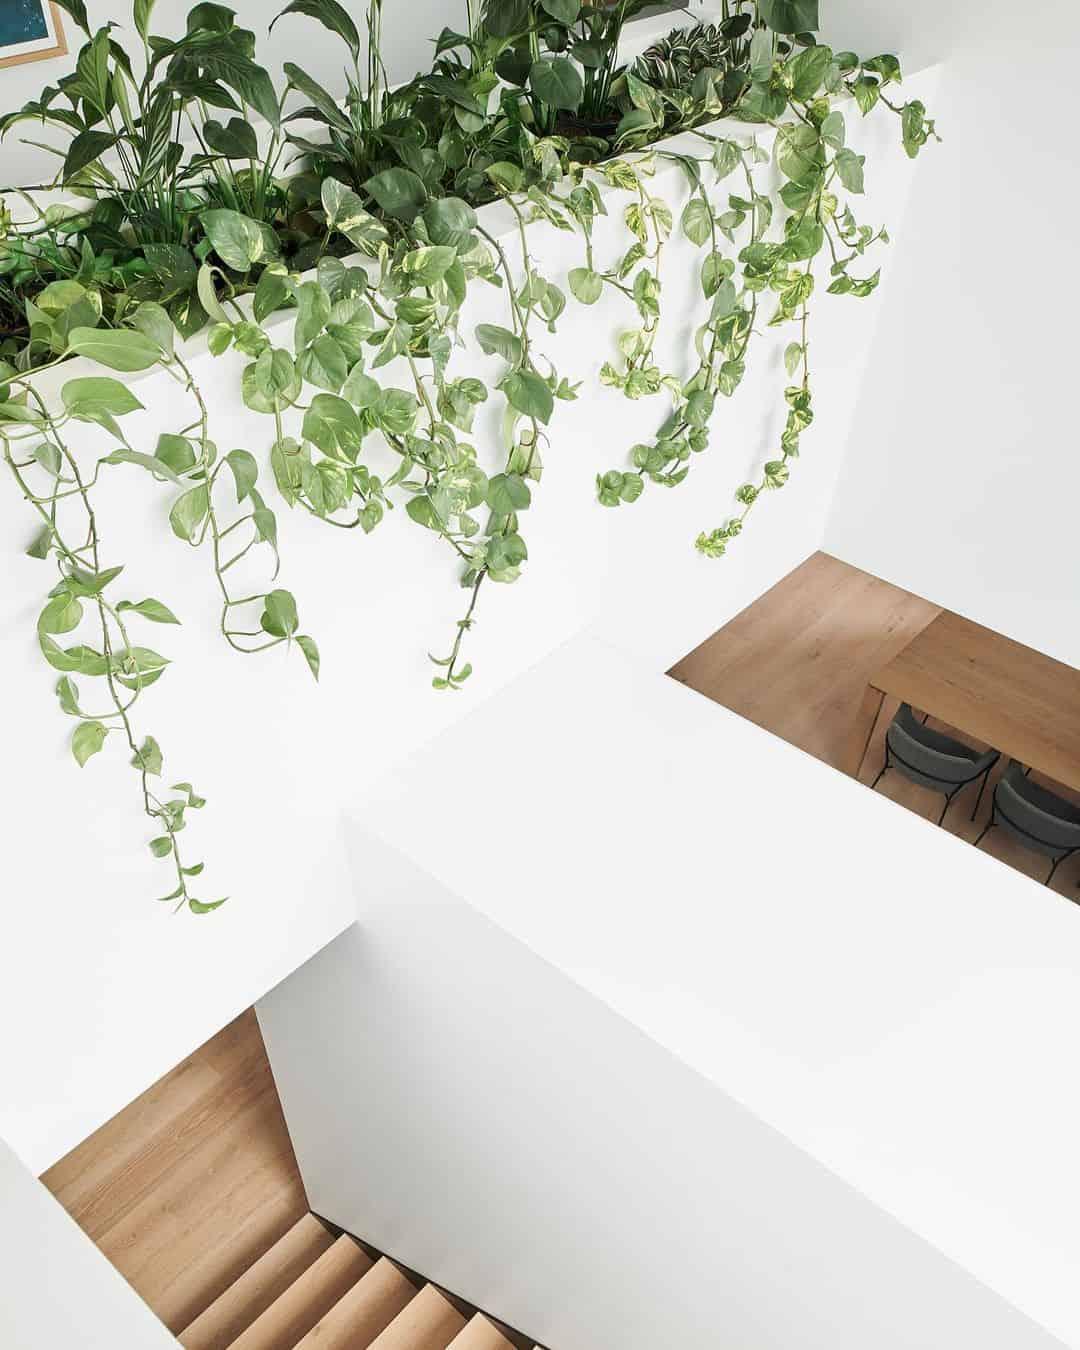 Stairwell planter box